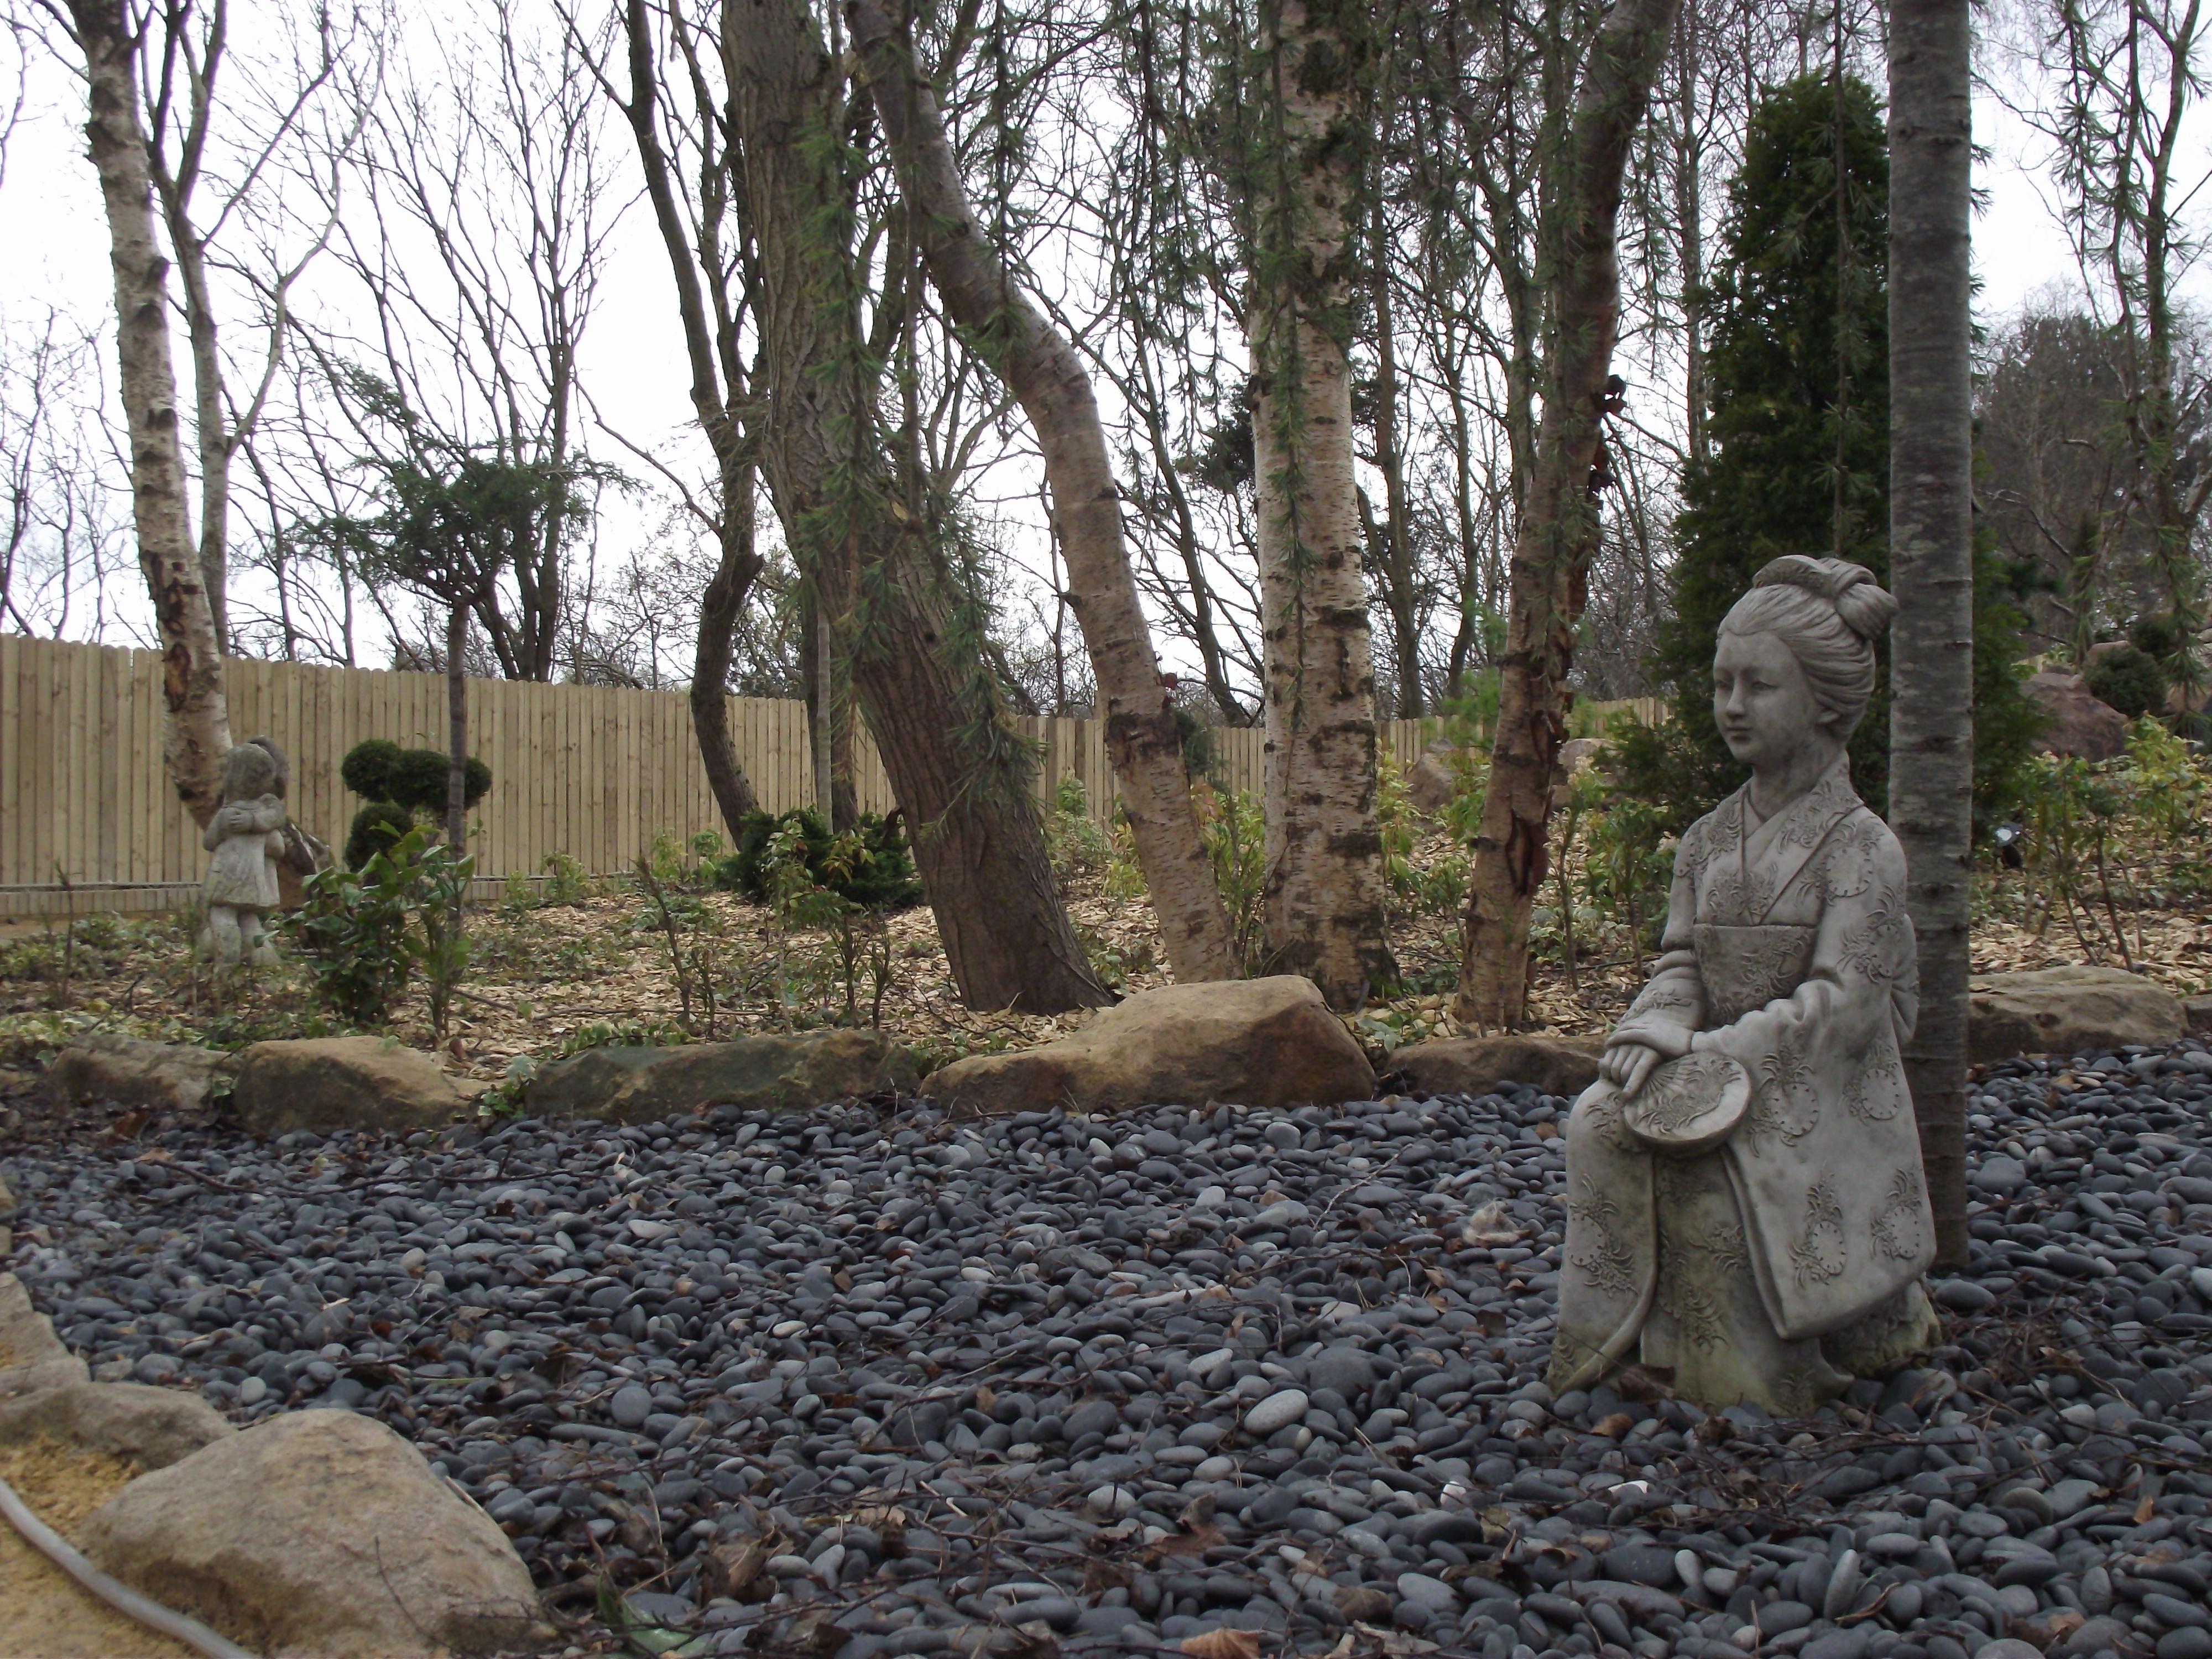 garden with sculptures